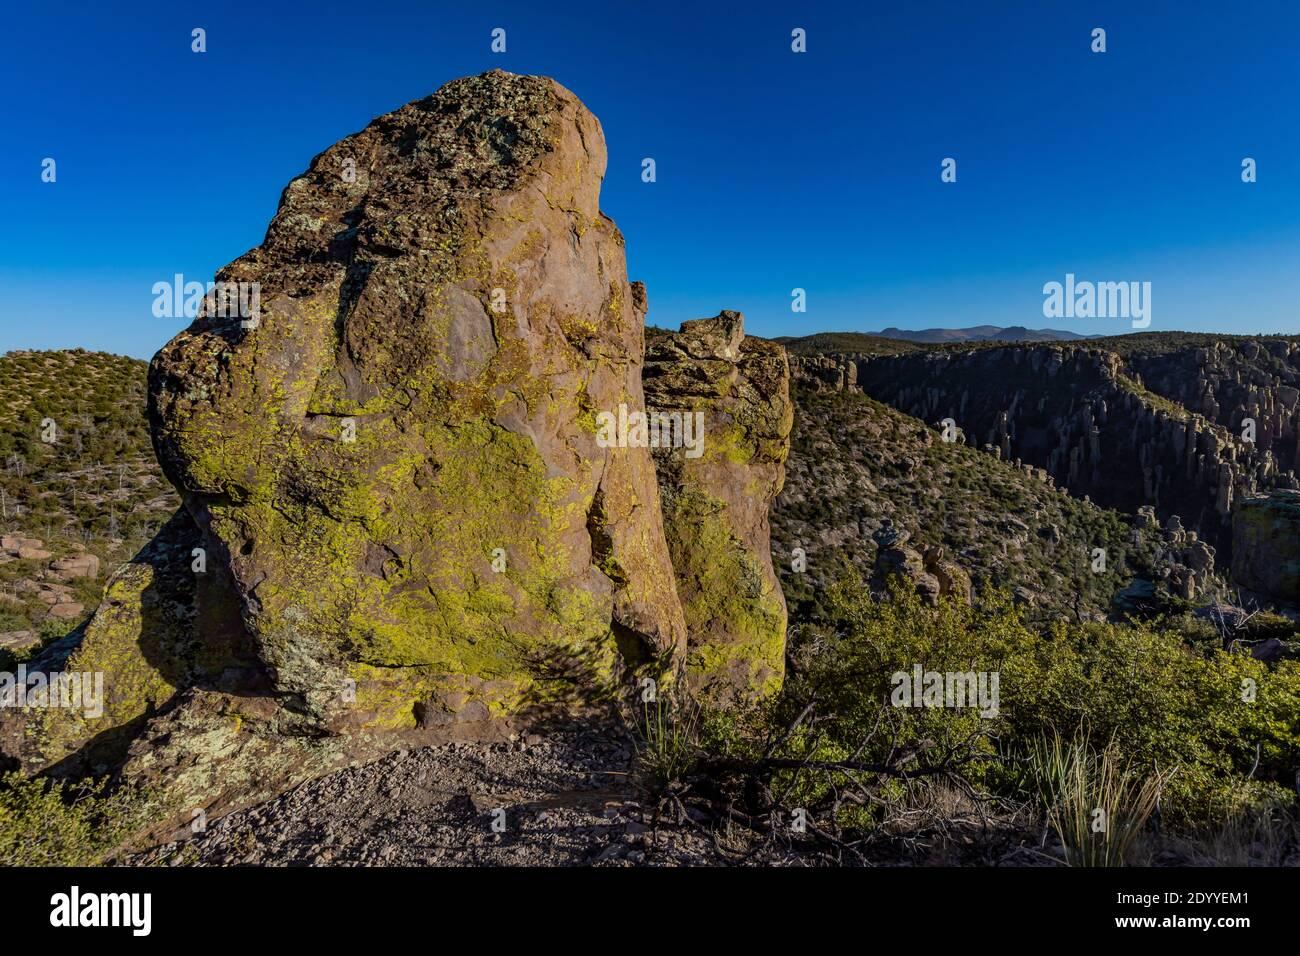 Pináculo de riolita a lo largo del Sendero Natural Massai Point en el Monumento Nacional Chiricahua, Arizona, EE.UU Foto de stock